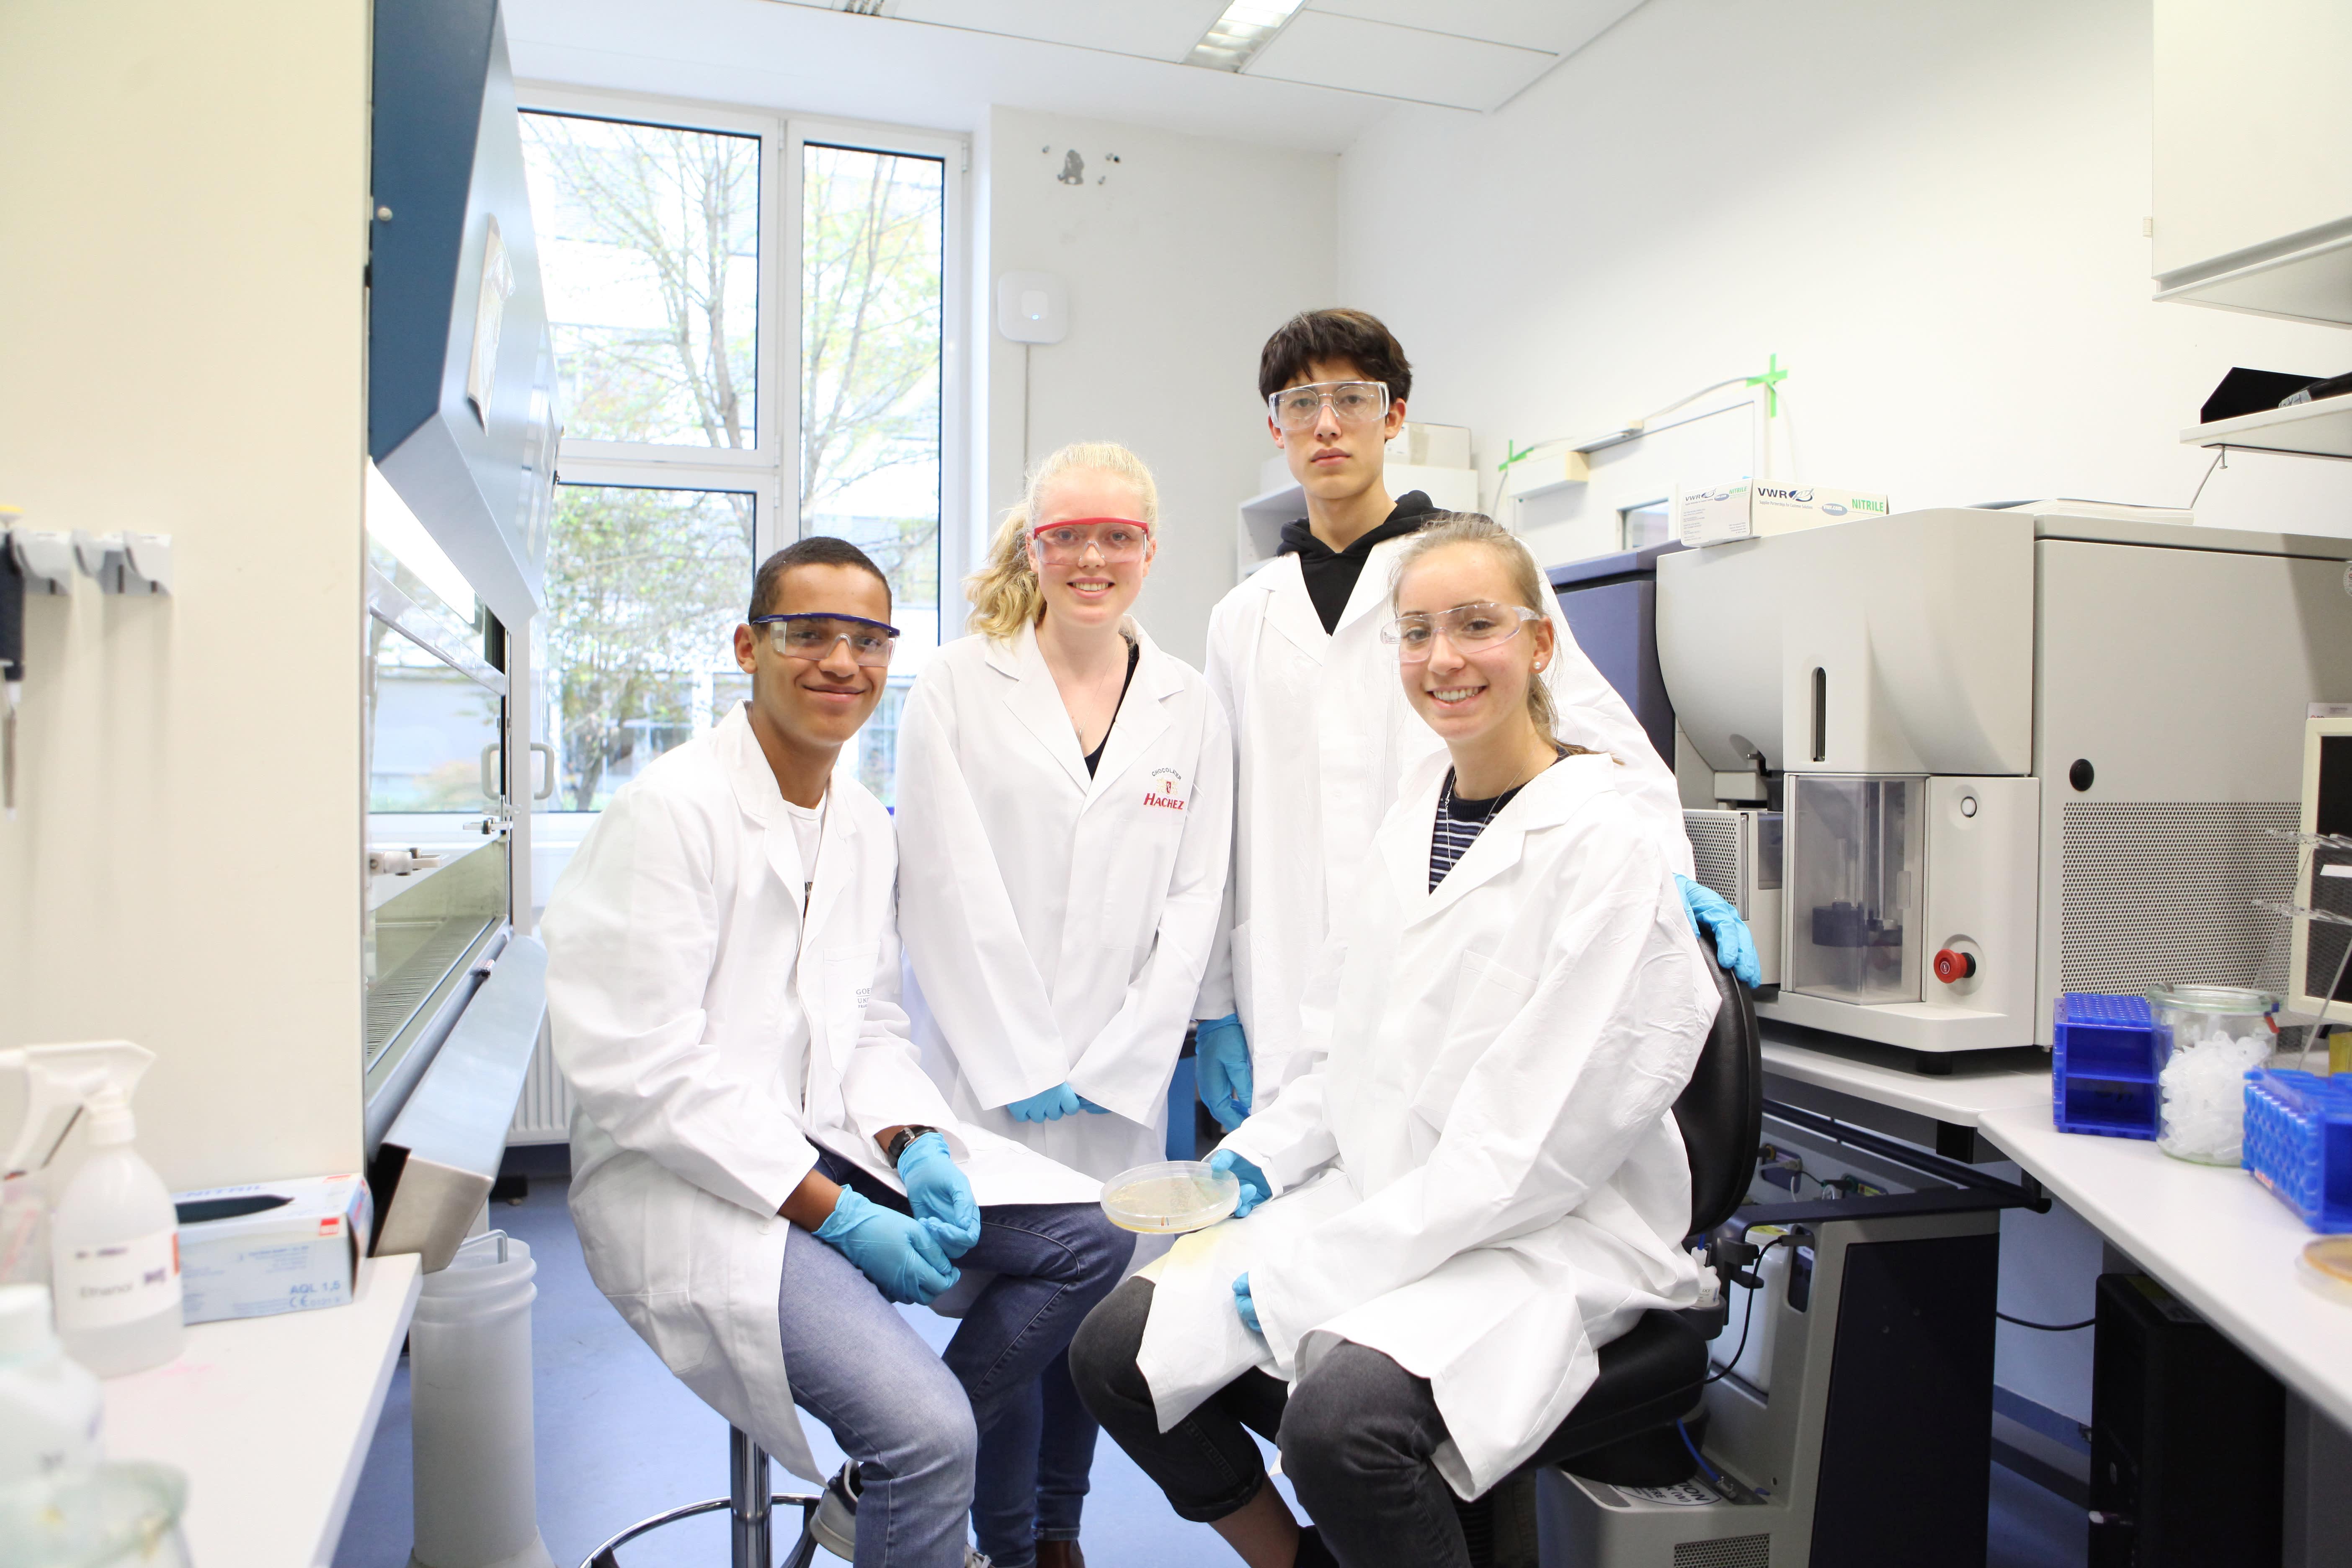 Erbinderlabor Biotechnologie